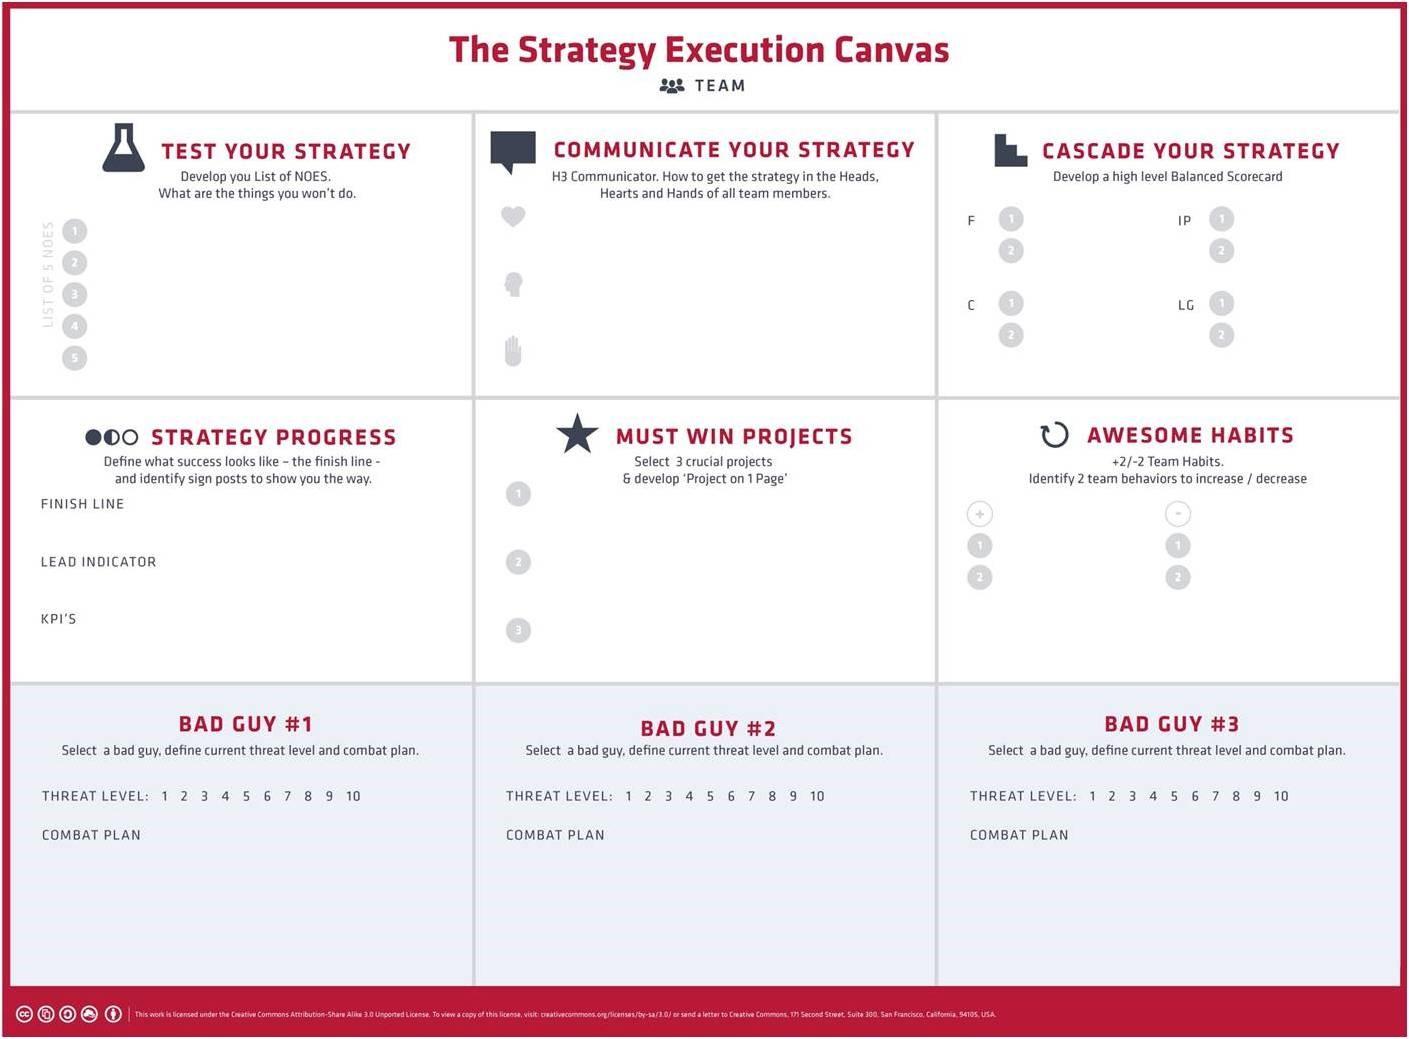 El canvas de ejecución estratégica